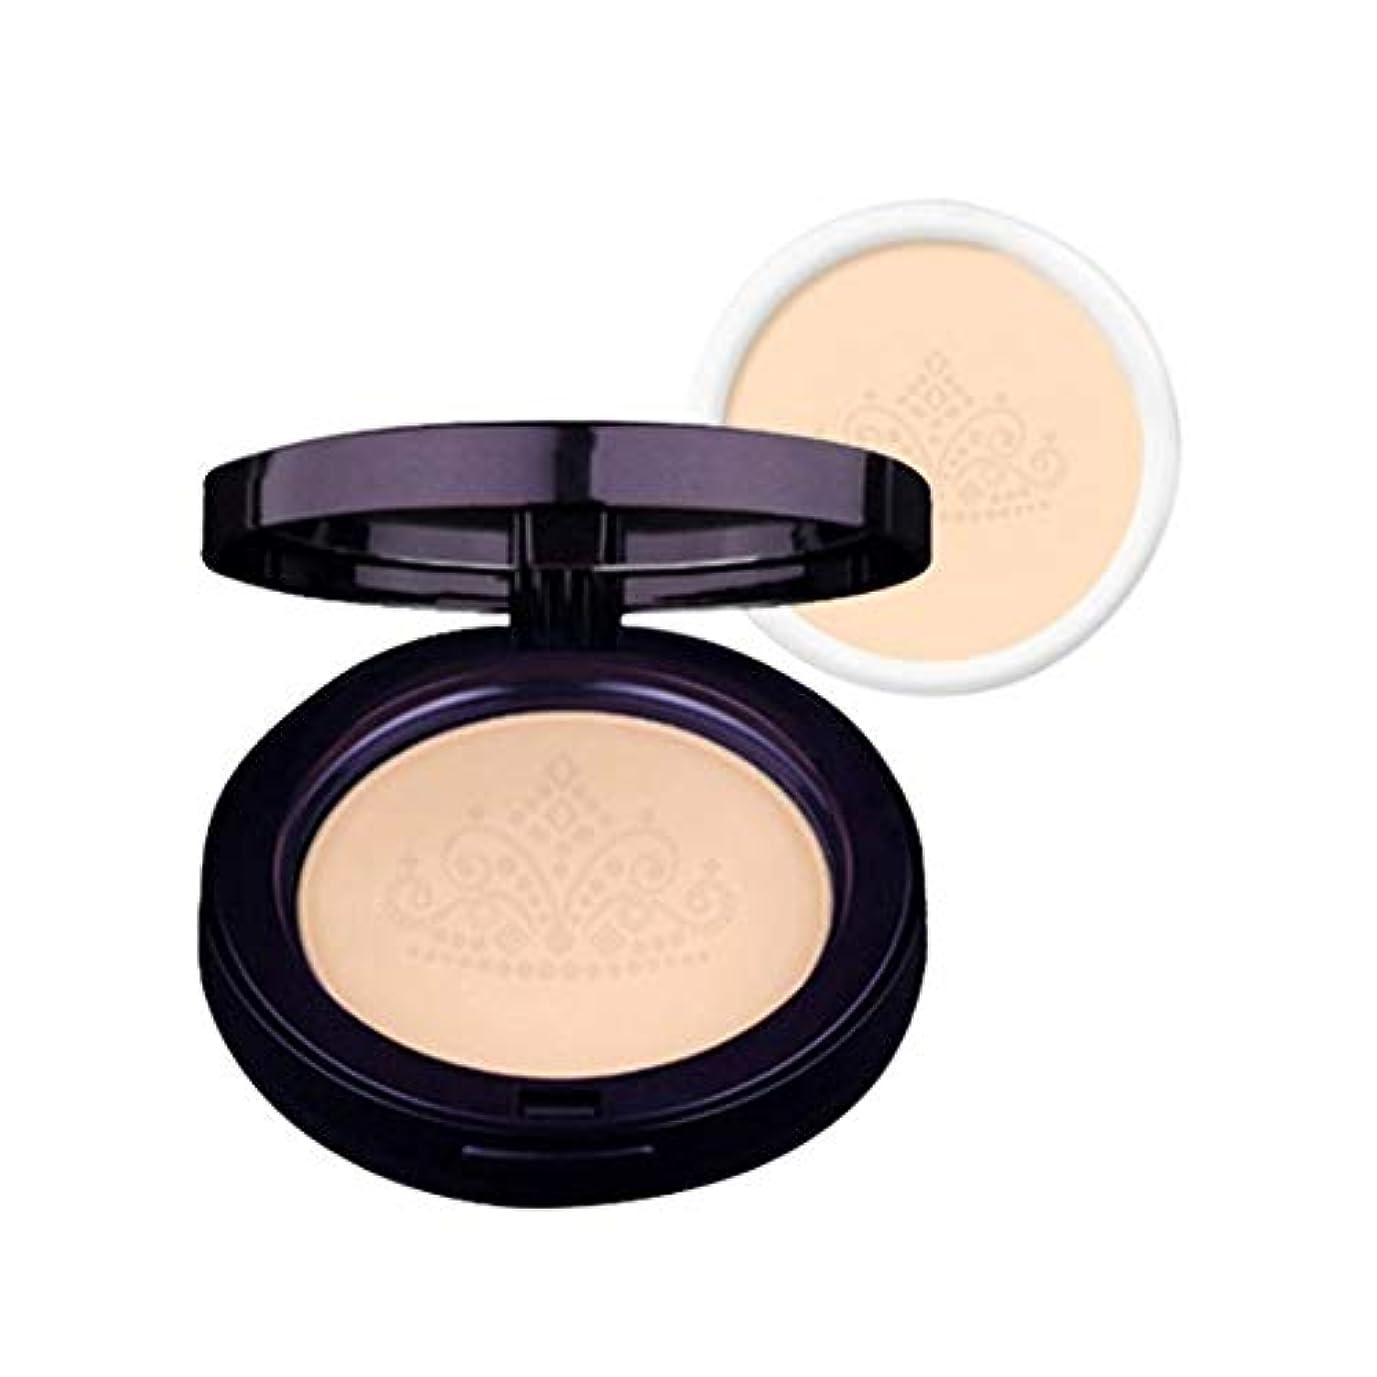 不適アクロバットネックレットラクベルクイーンズファクト本品+リピルセット2カラー韓国コスメ、Lacvert Queen's Pact+ Refill Set 2 Colors Korean Cosmetics [並行輸入品] (No. 21)